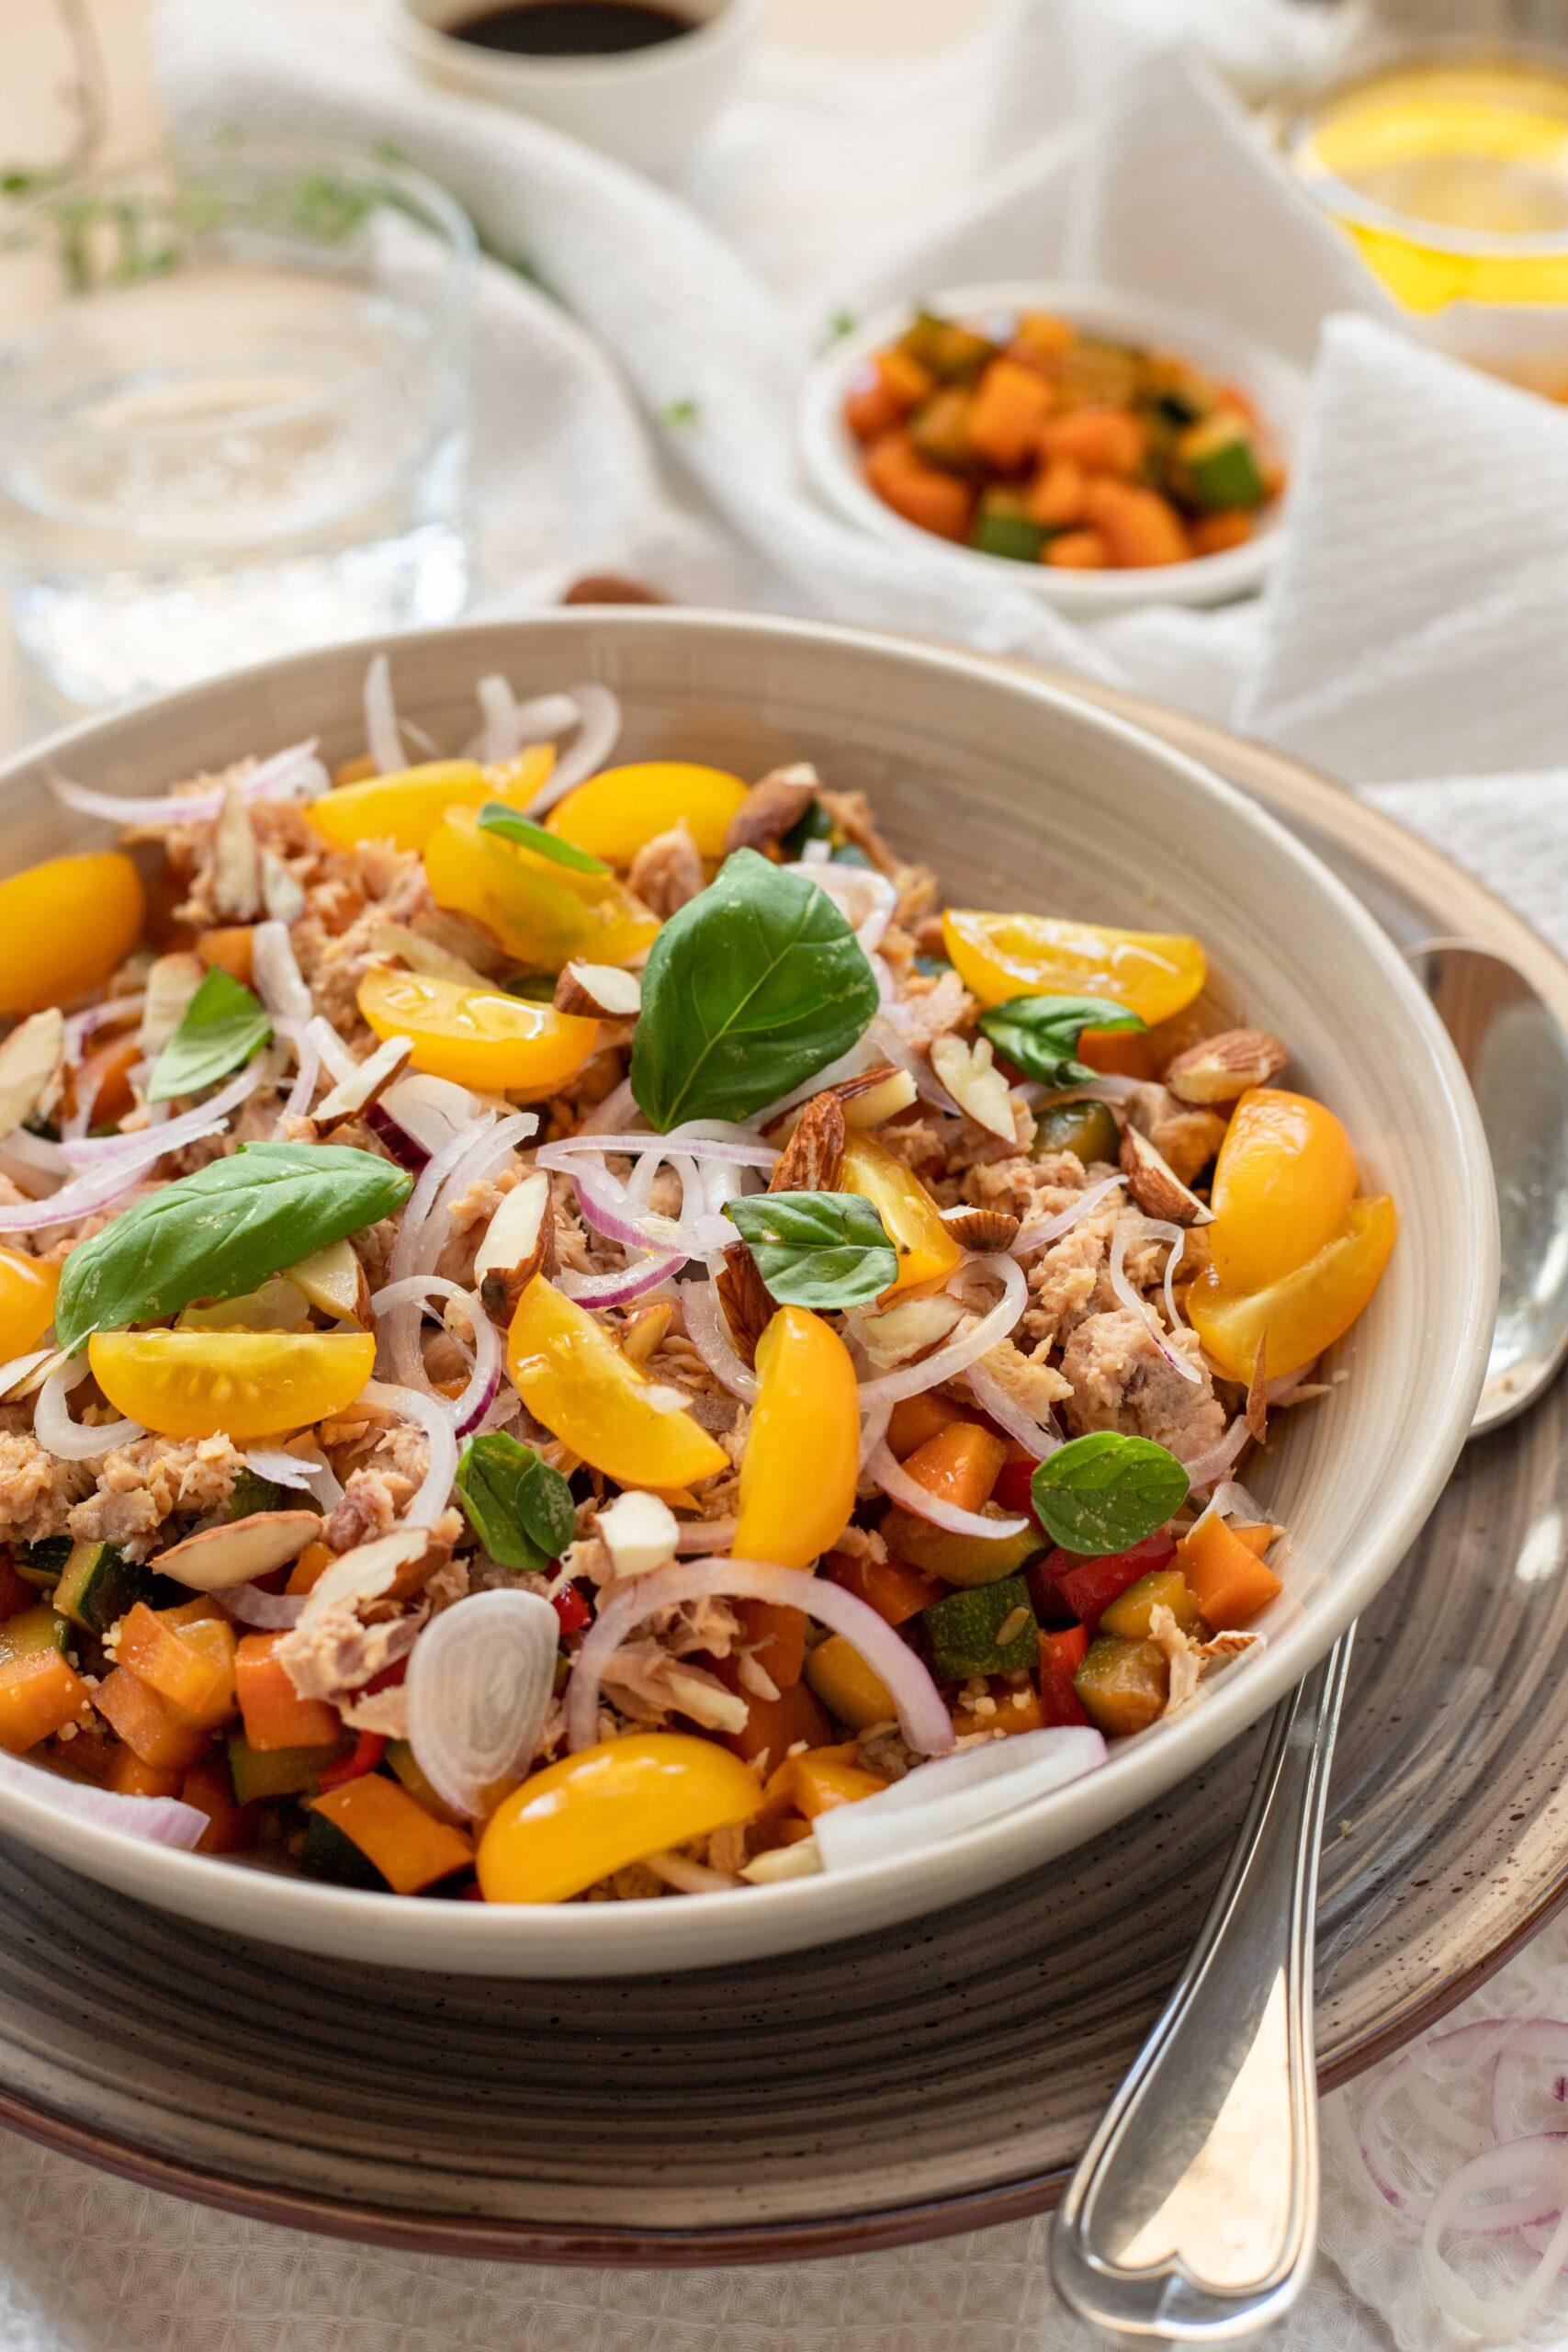 Cous cous integrale con tonno e verdure estive alla salsa di soia